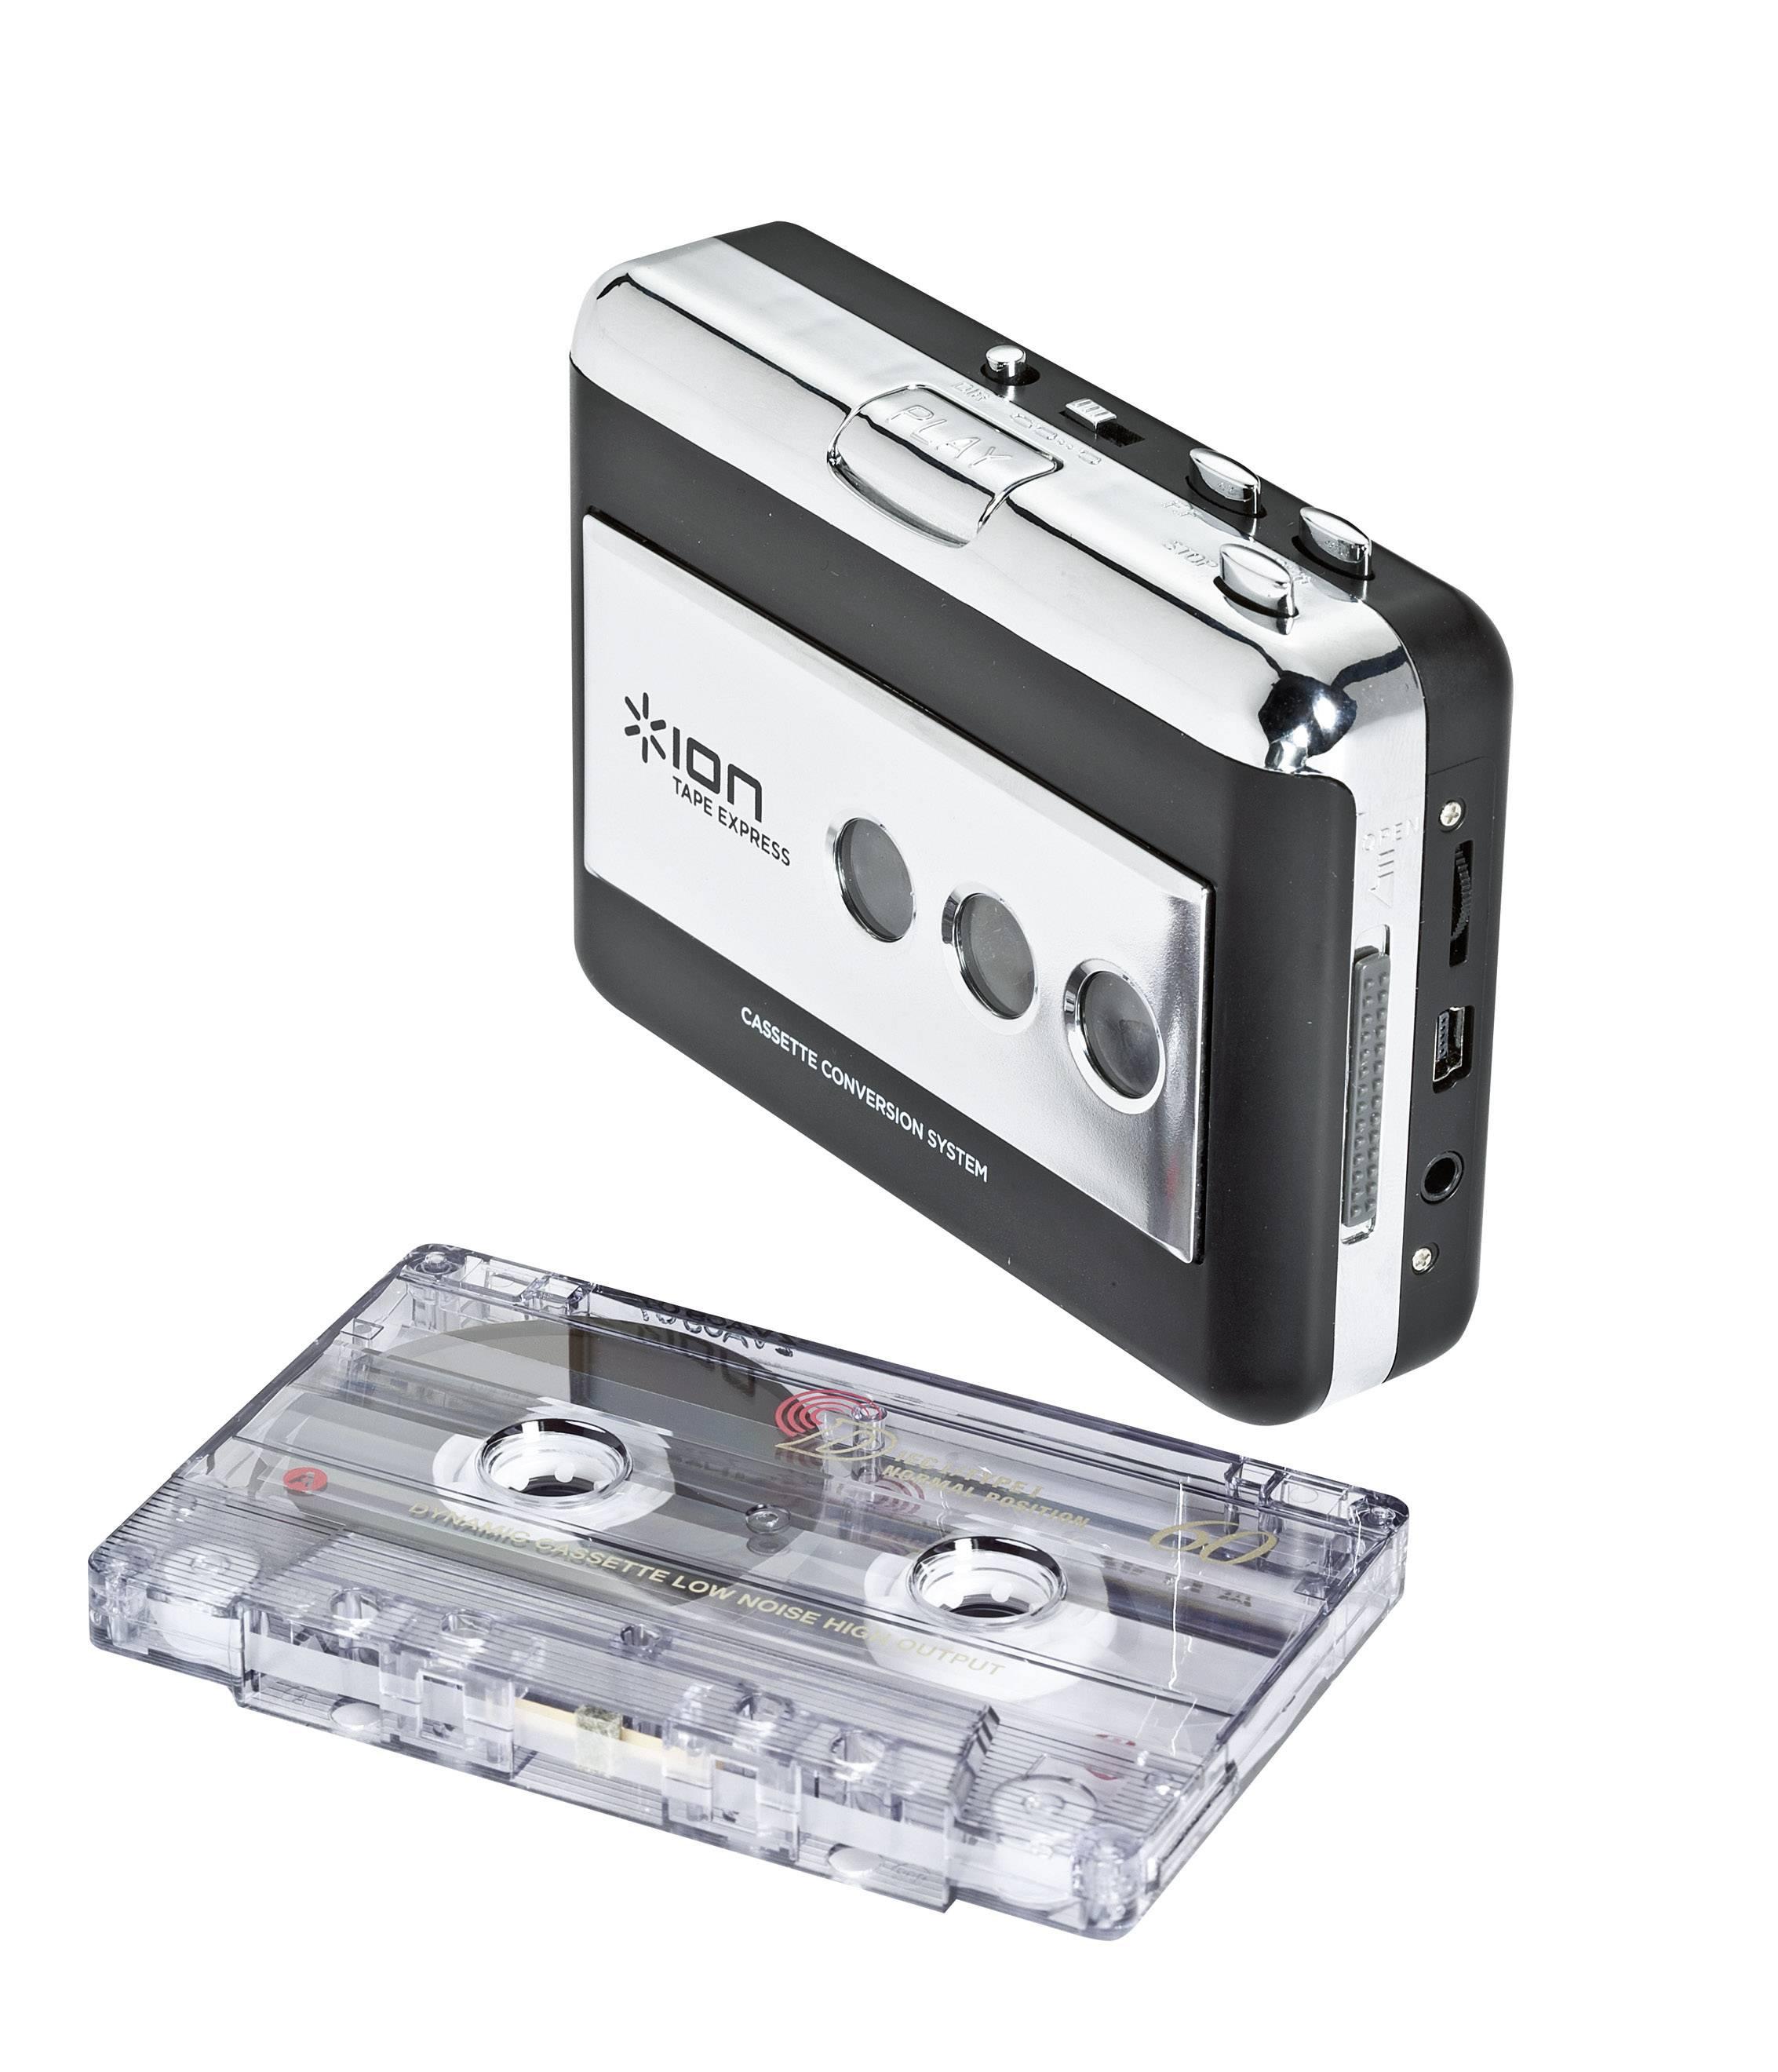 Enkóder a prehrávač na magnetofonové kazety, ION Tape Express